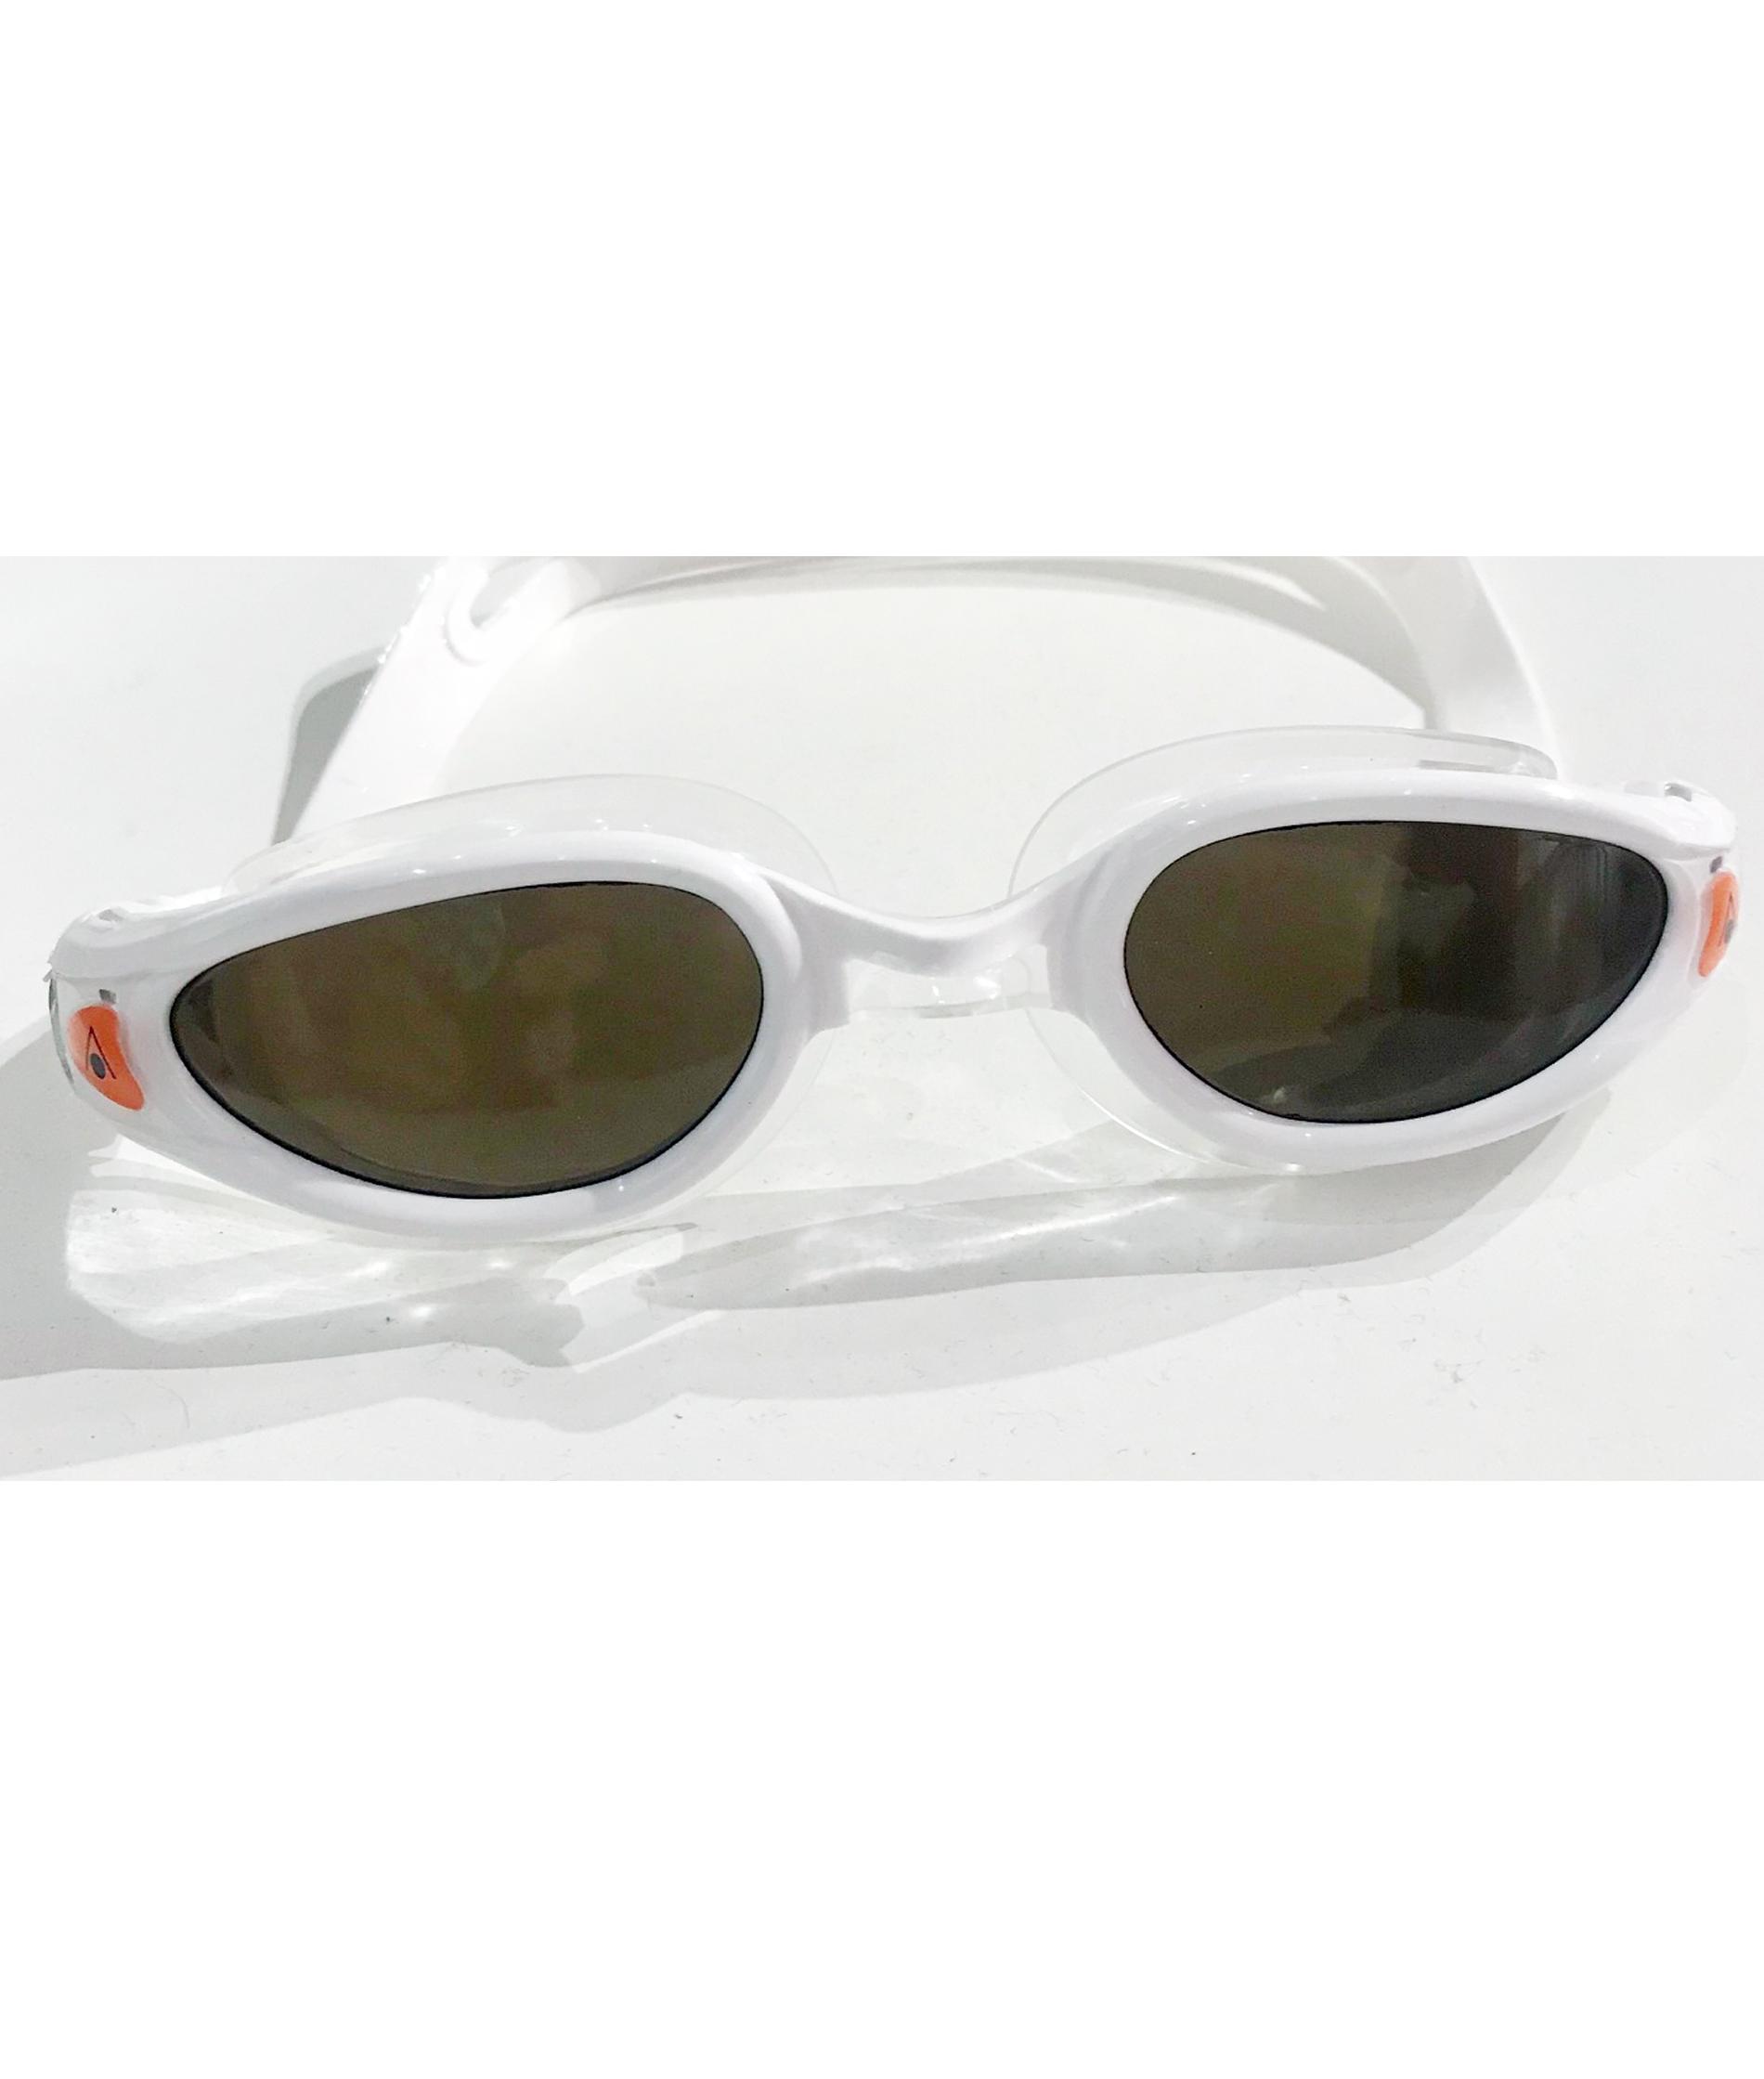 Aqua Sphere KAIMAN Exo Polarized Swimming Goggles - White/Clear